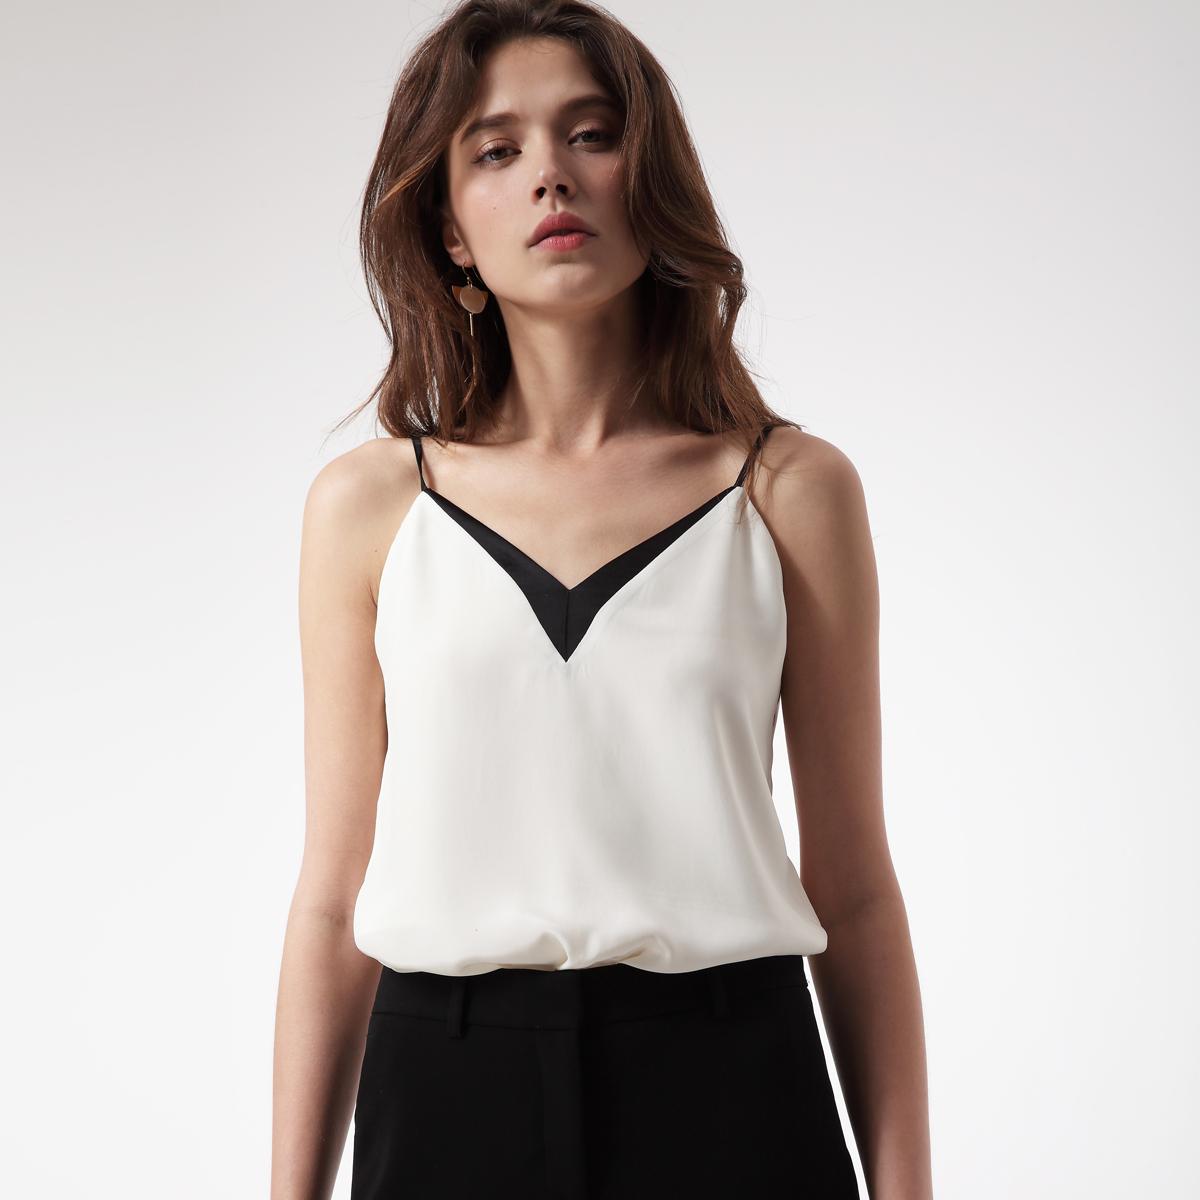 【芥末JEMO】真丝V领拼色桑蚕丝纯色白色性感吊带背心上衣女